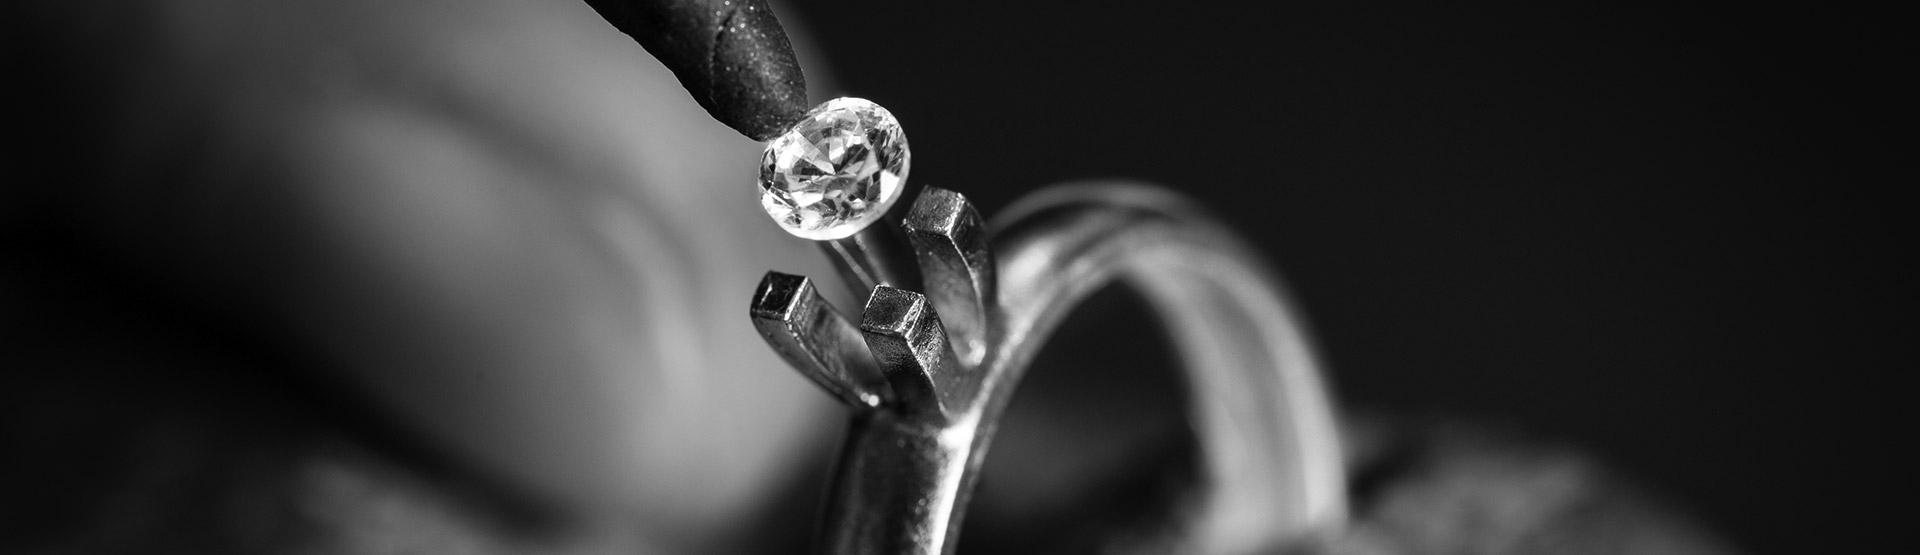 כיצד ניתן לשחזר תכשיטים כיום